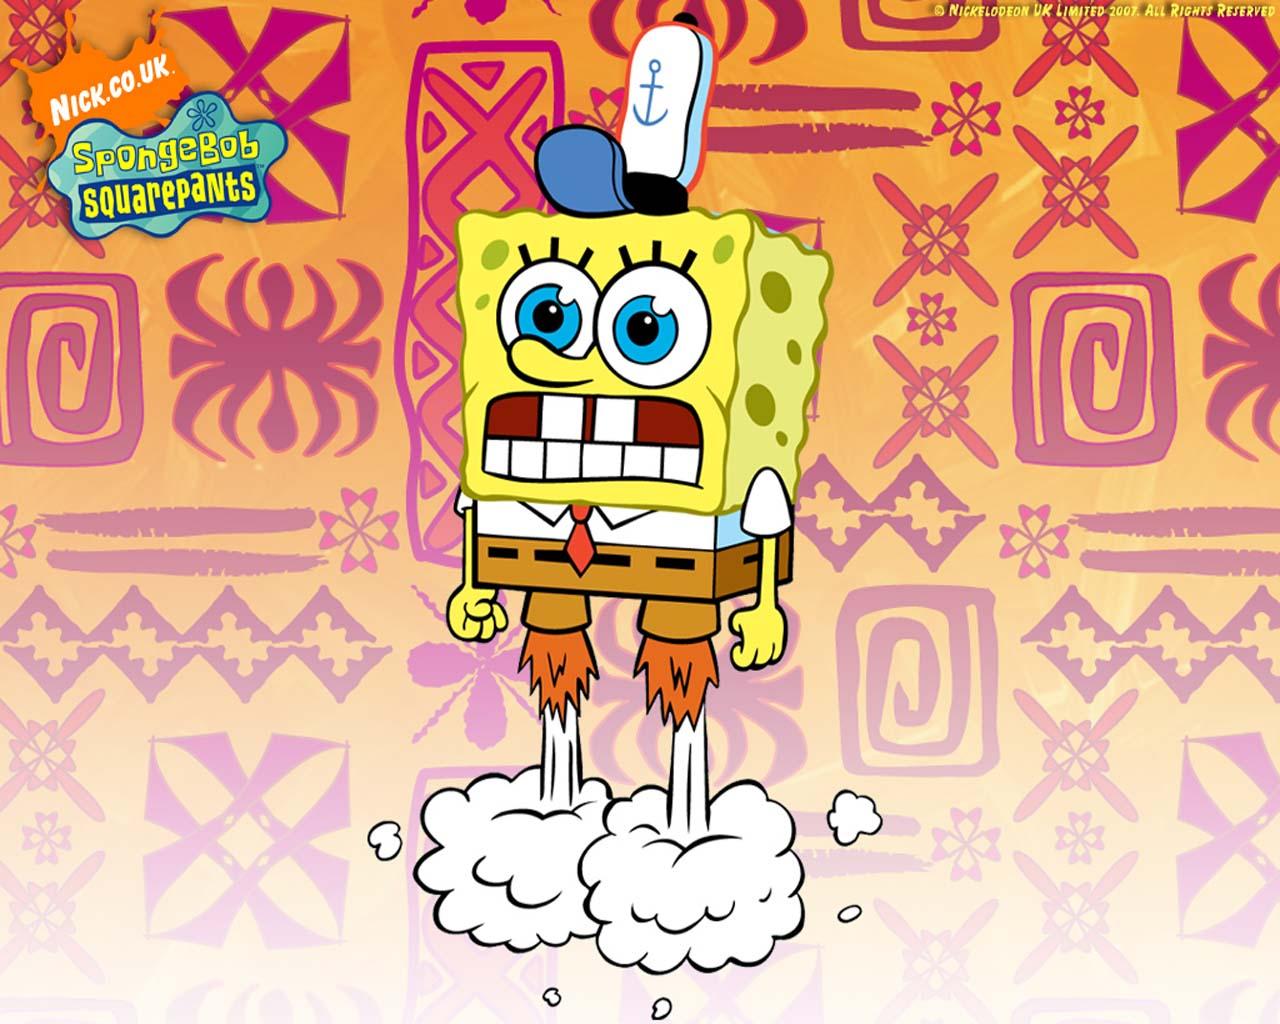 Wallpaper Bergerak Lucu Terbaru Spongebob Squarepants